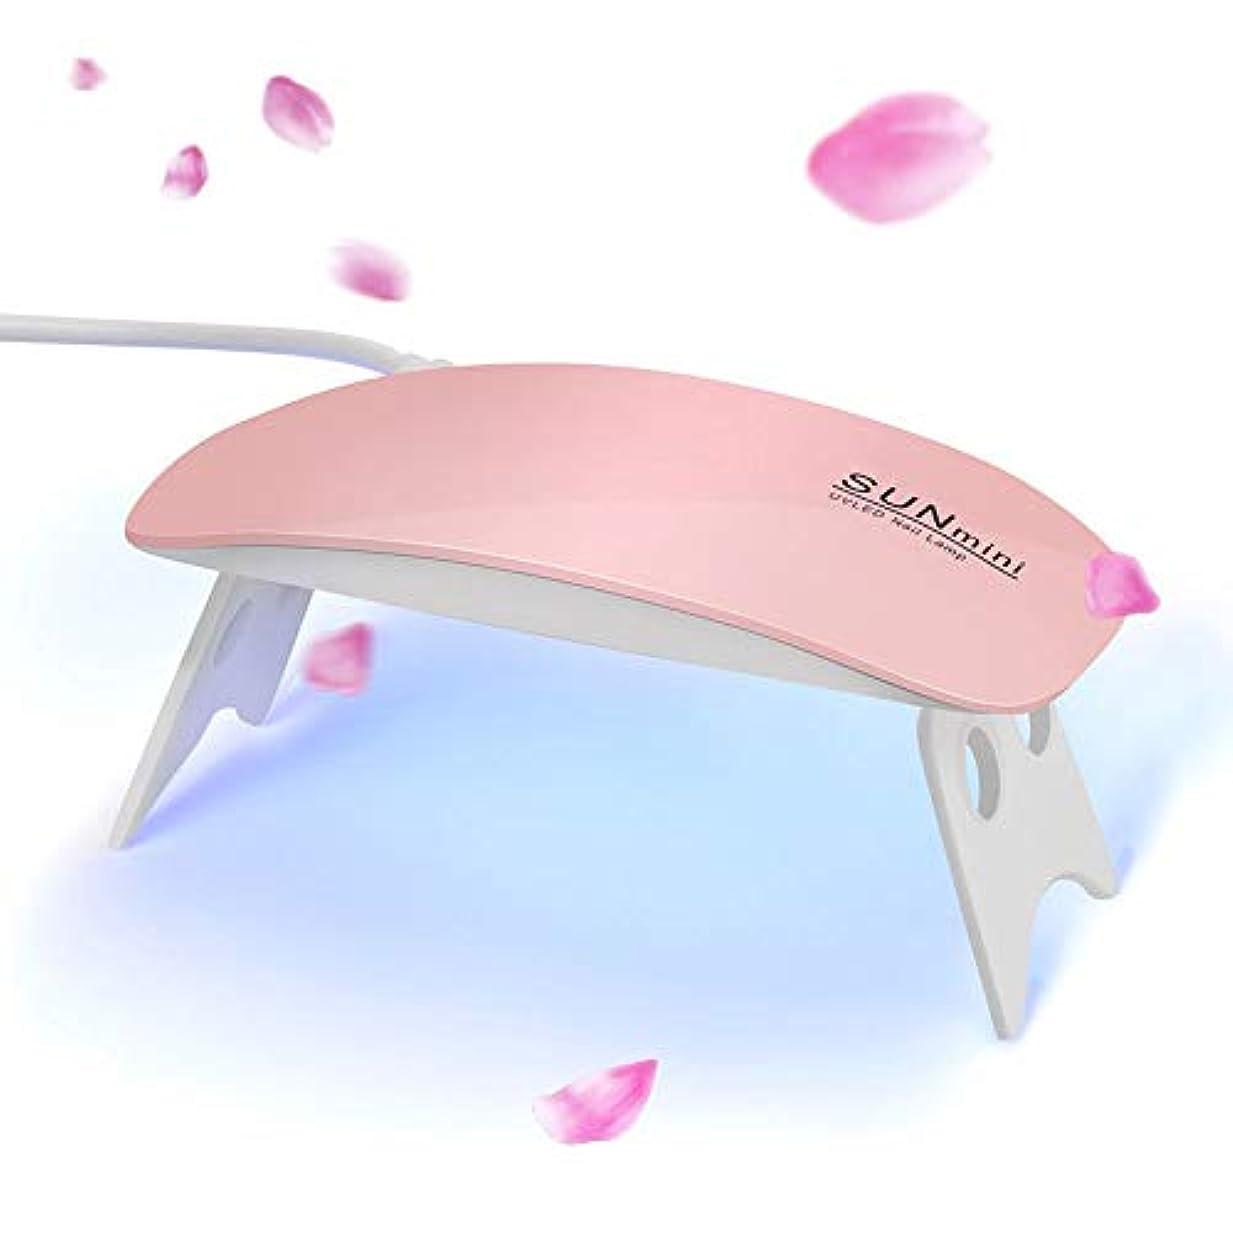 セッティングキャメルクリケットLEDネイルドライヤー,KIMIHE UVライト 超ミニ USB式 ネイル用硬化ライト 2タイミング設定付き 折りたたみ式手足とも使える UV と LEDダブルライト (かわいいピンク)